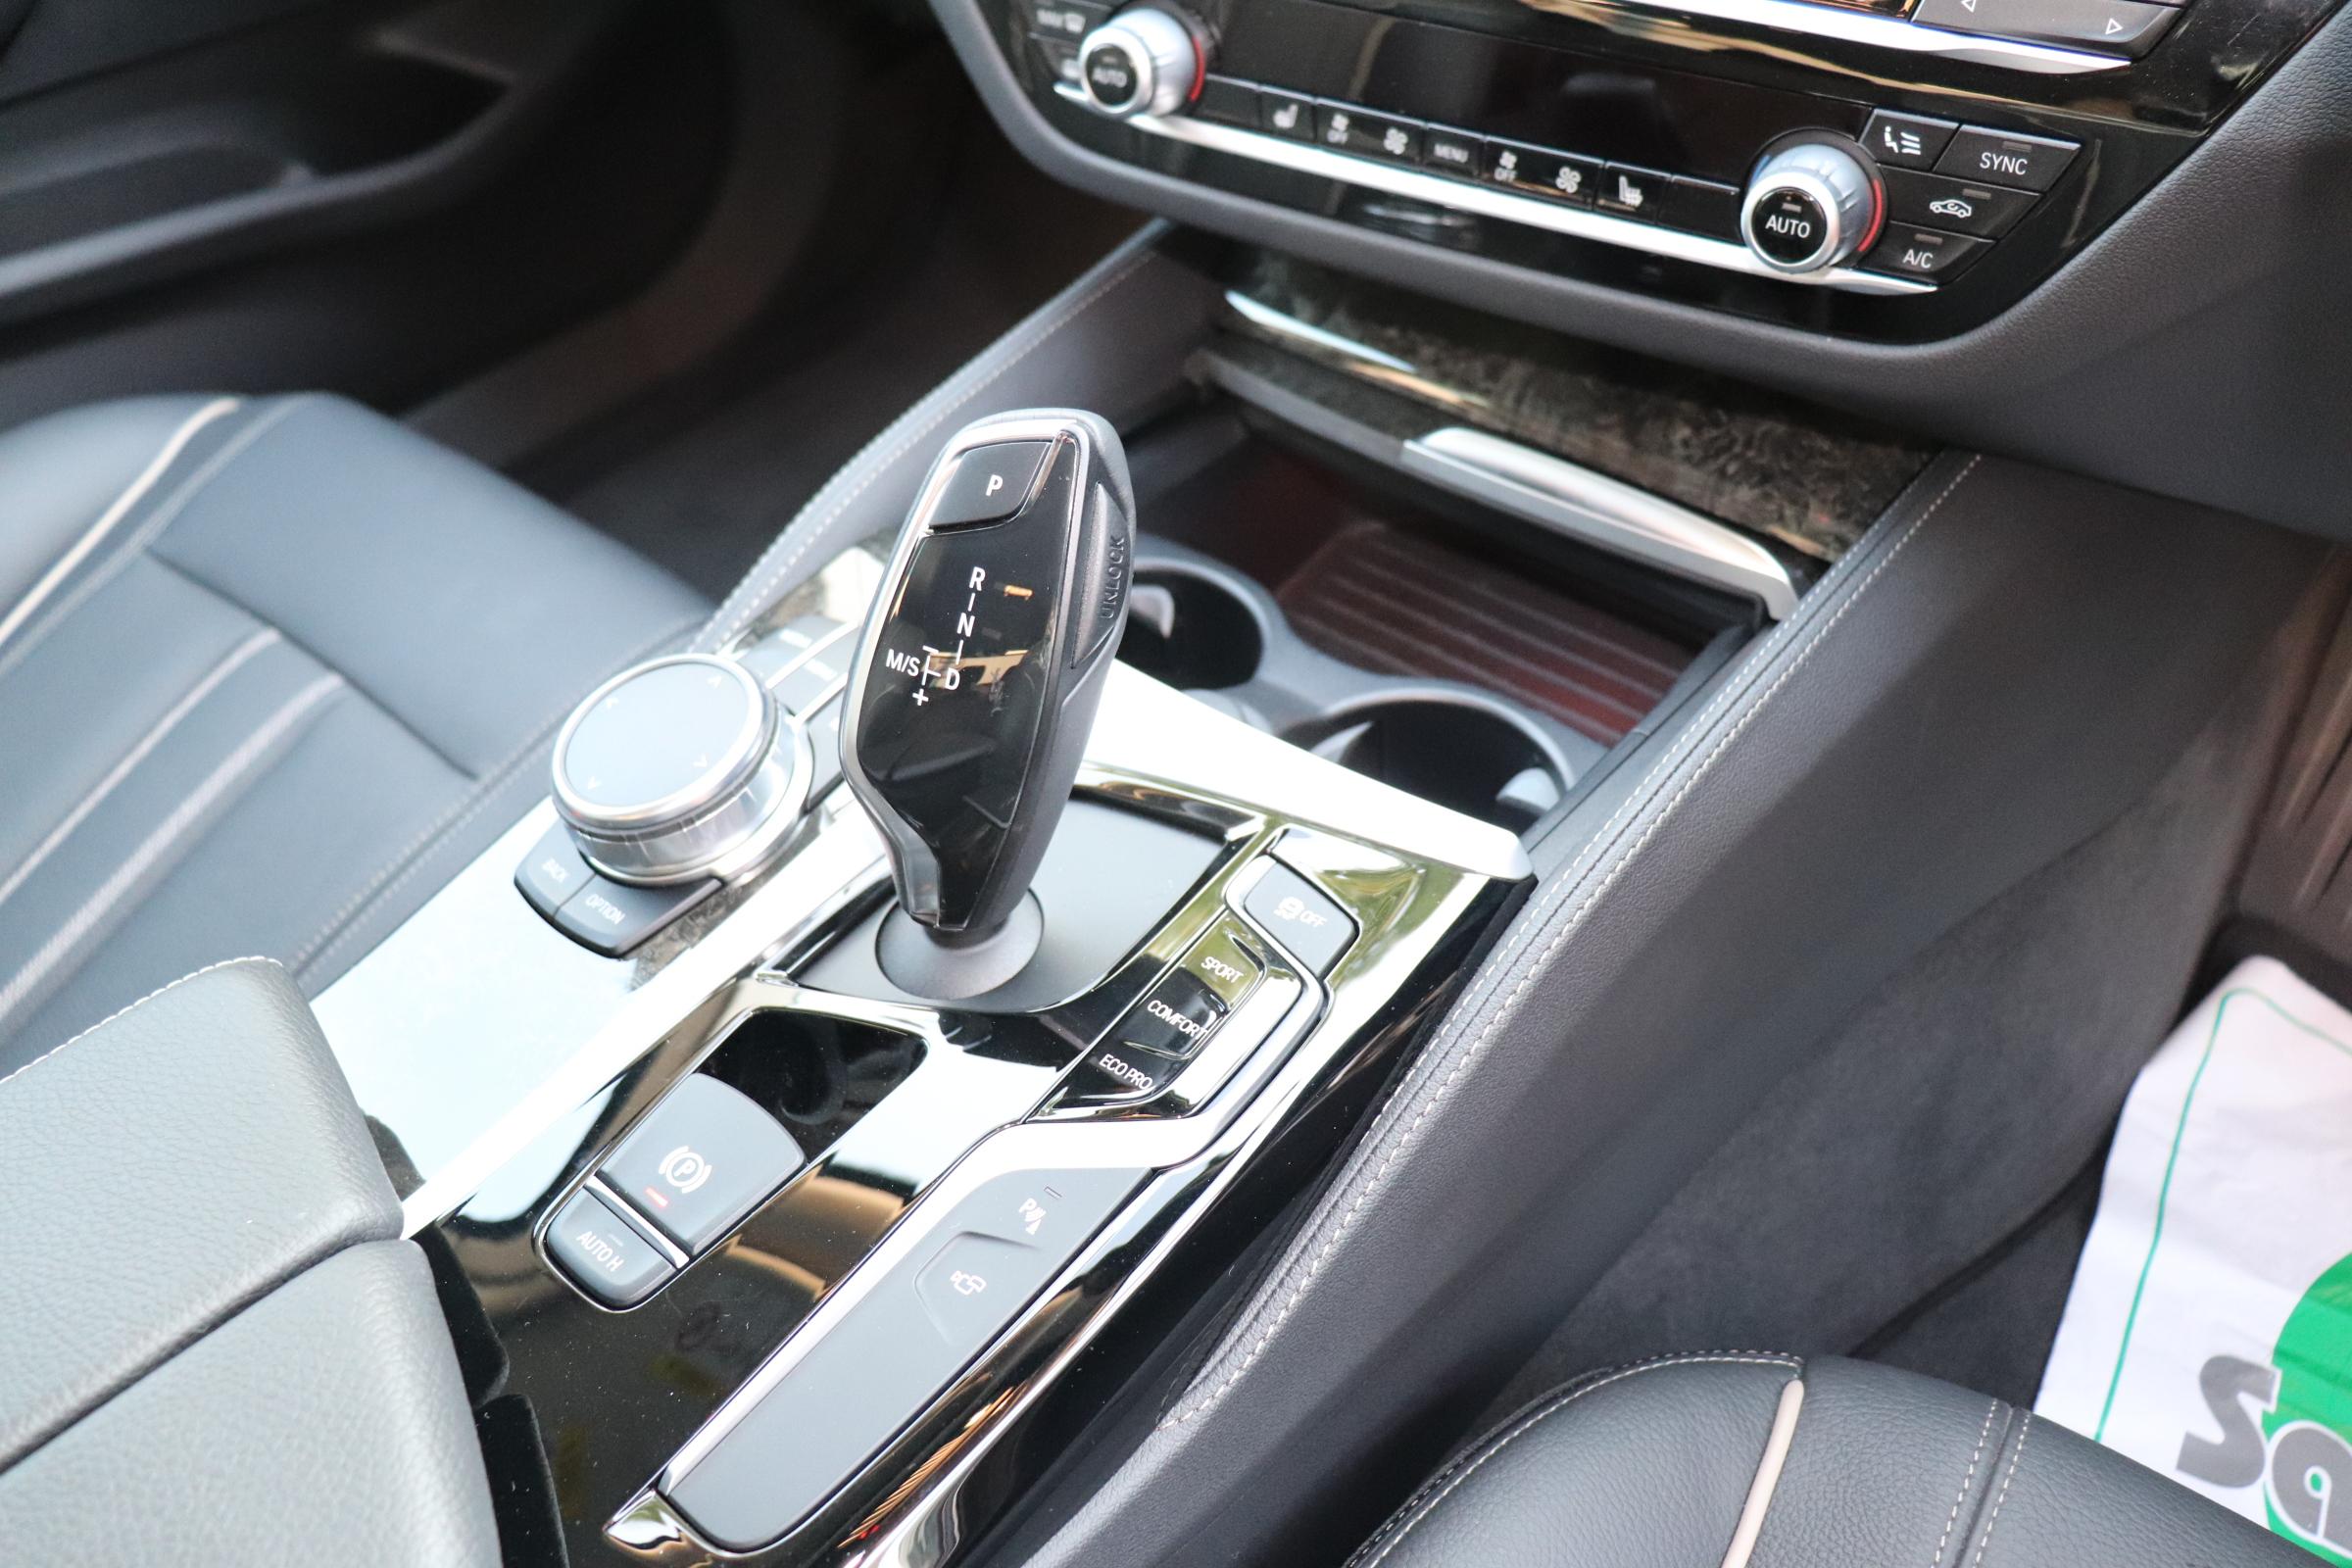 530iラグジュアリー BEAMコンプリートカー ブラックレザー 4本マフラー車両画像15